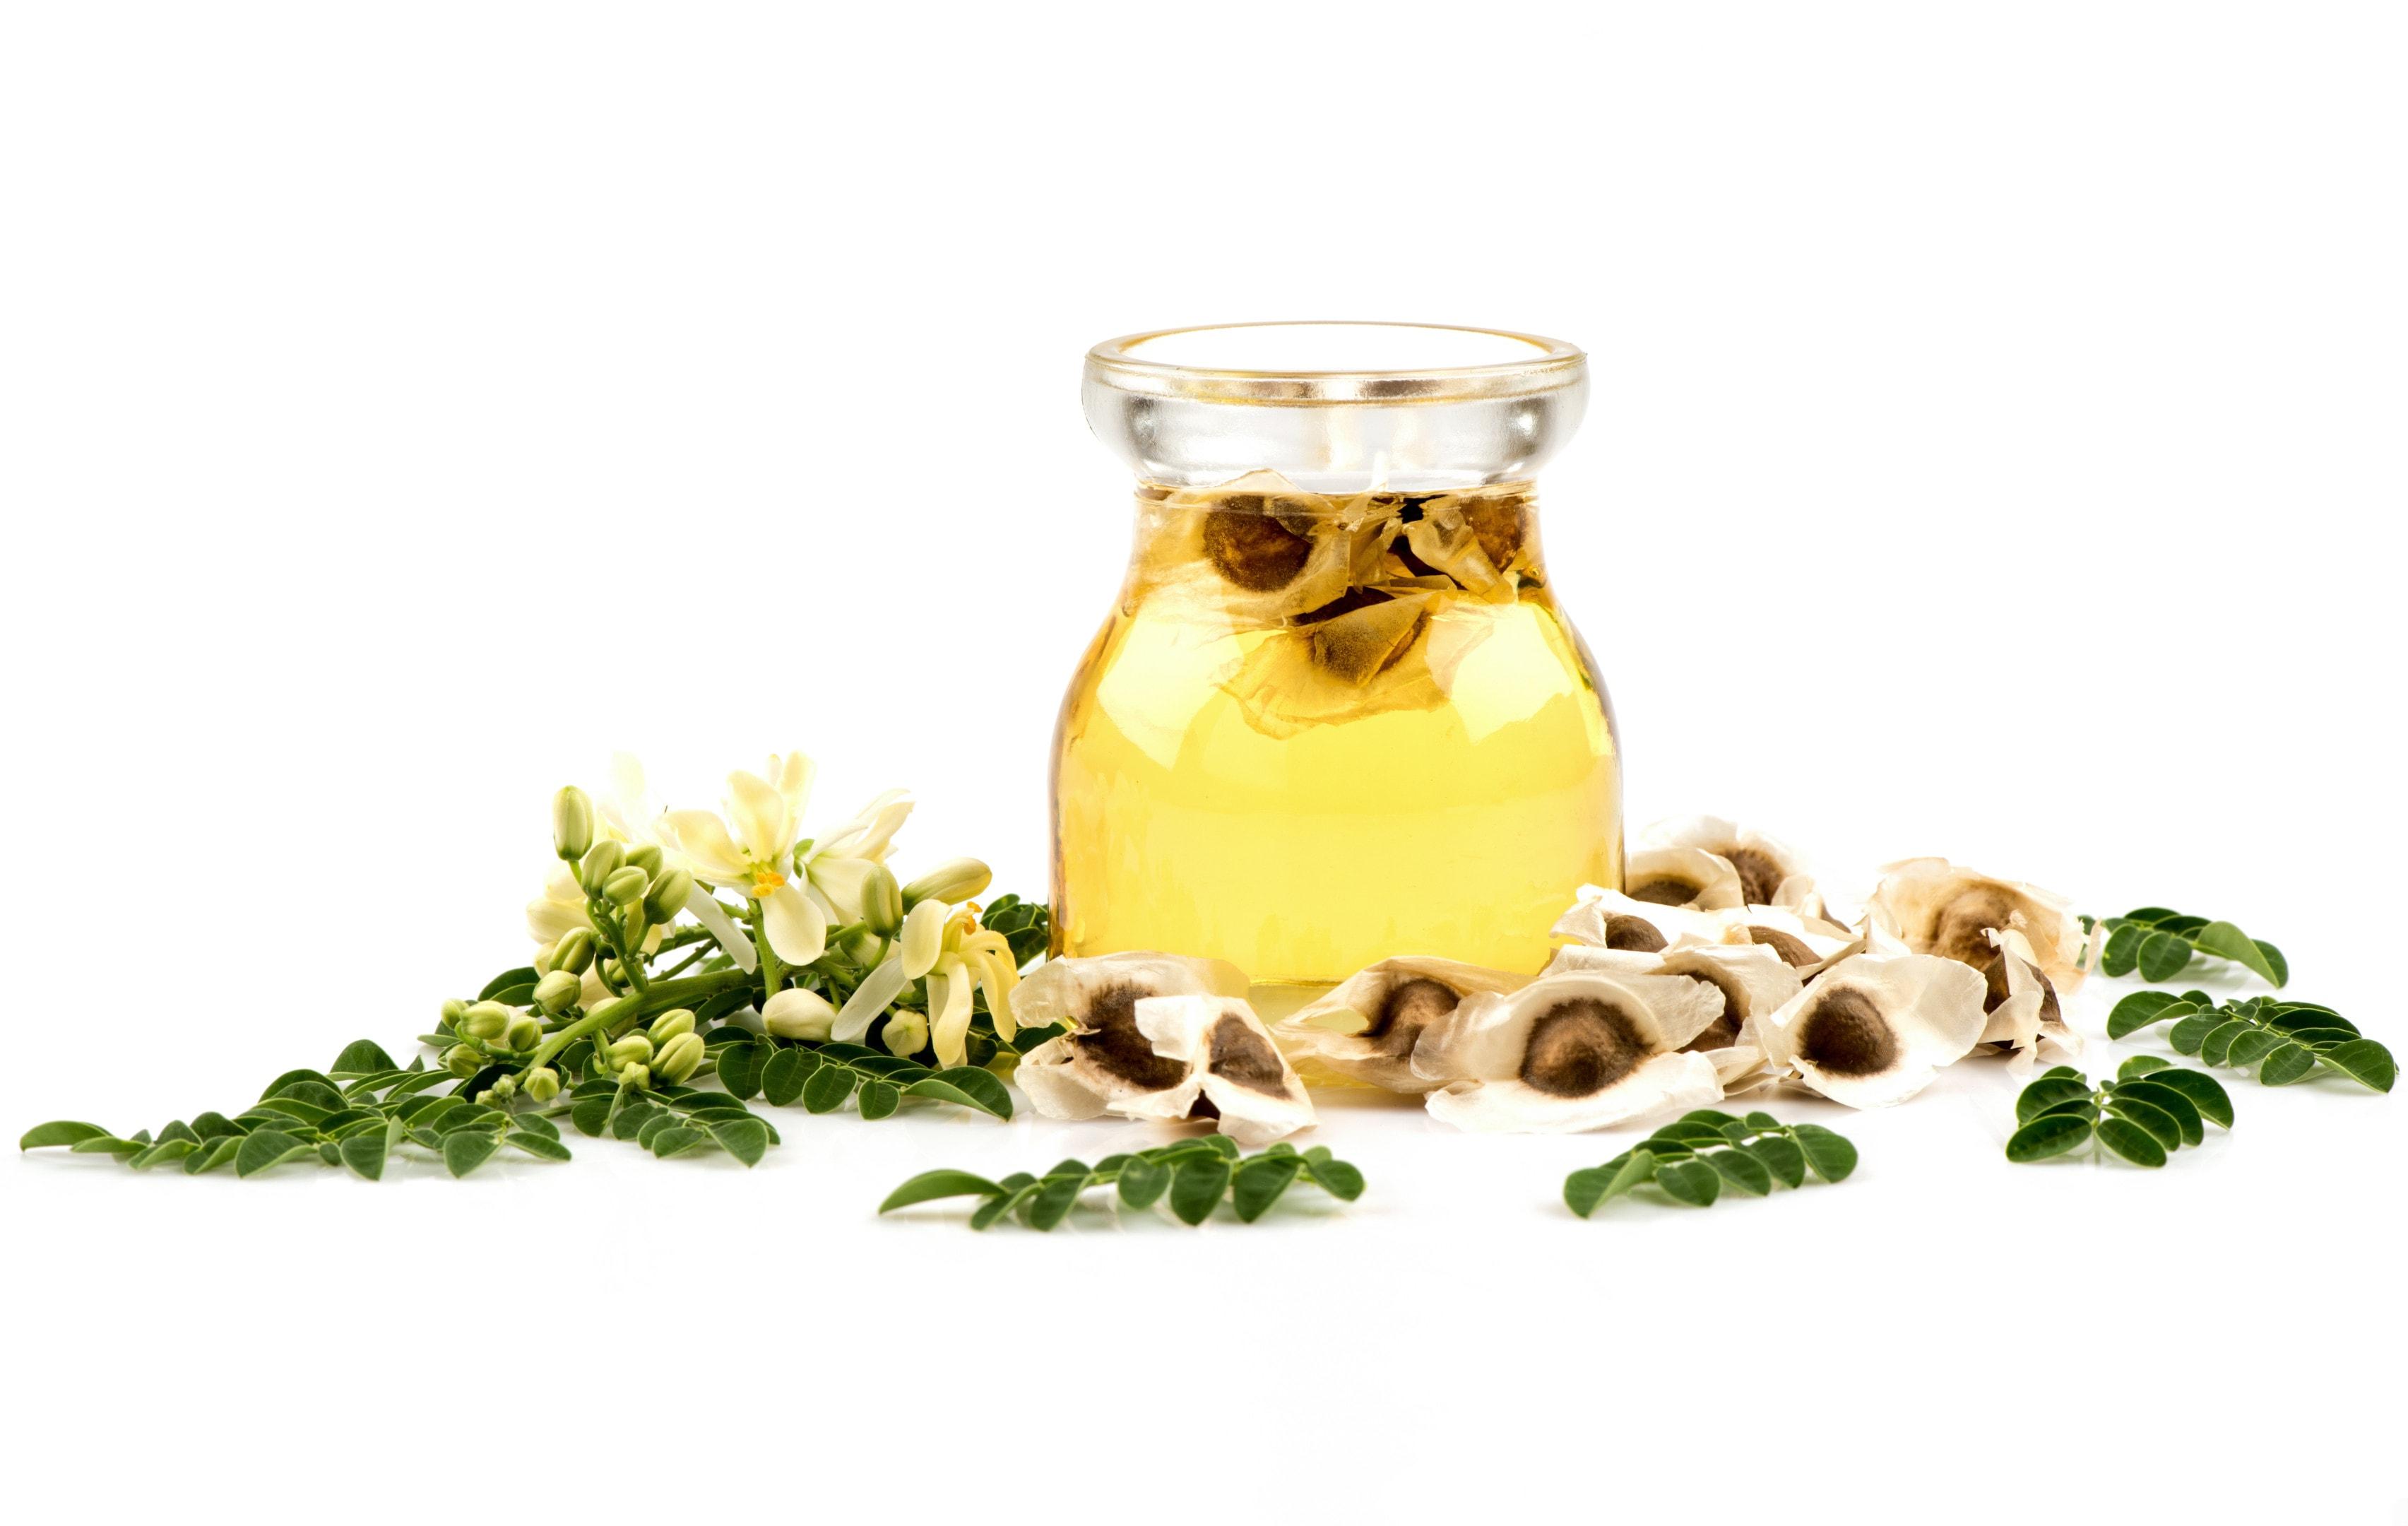 Moringa oil with moringa seeds and leaves